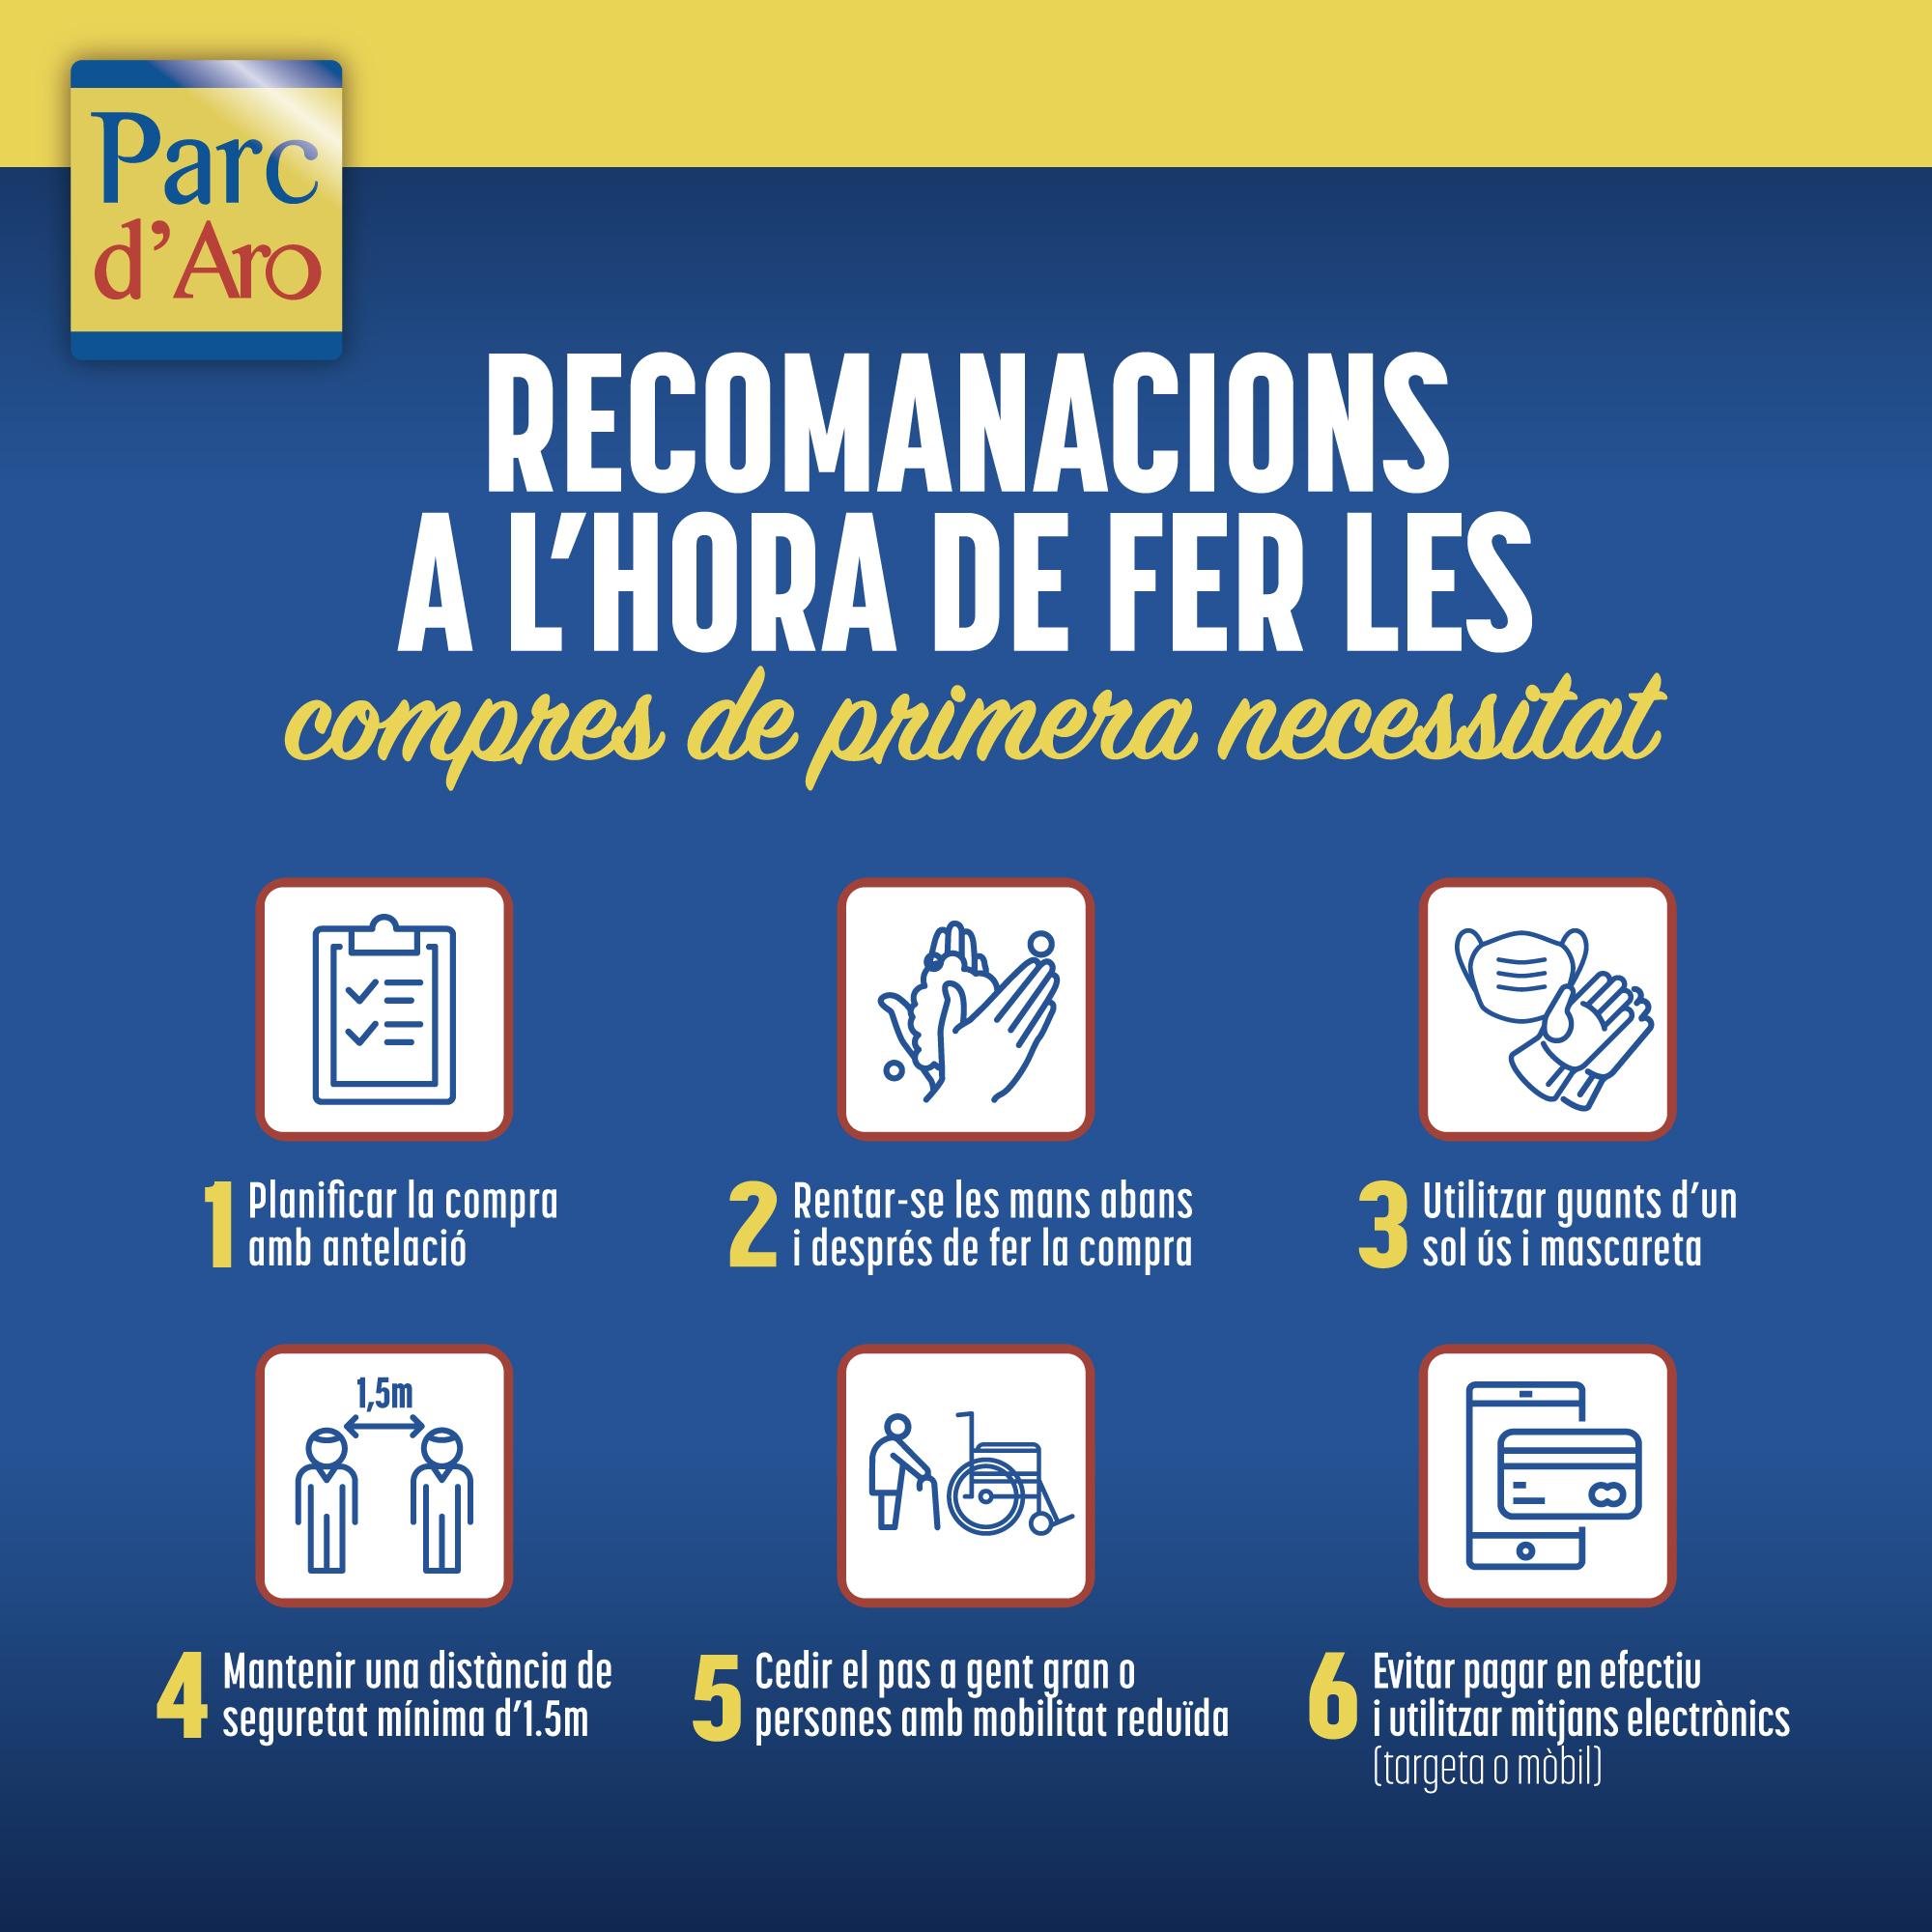 parcdaro_recomanacions_seguretat_compres